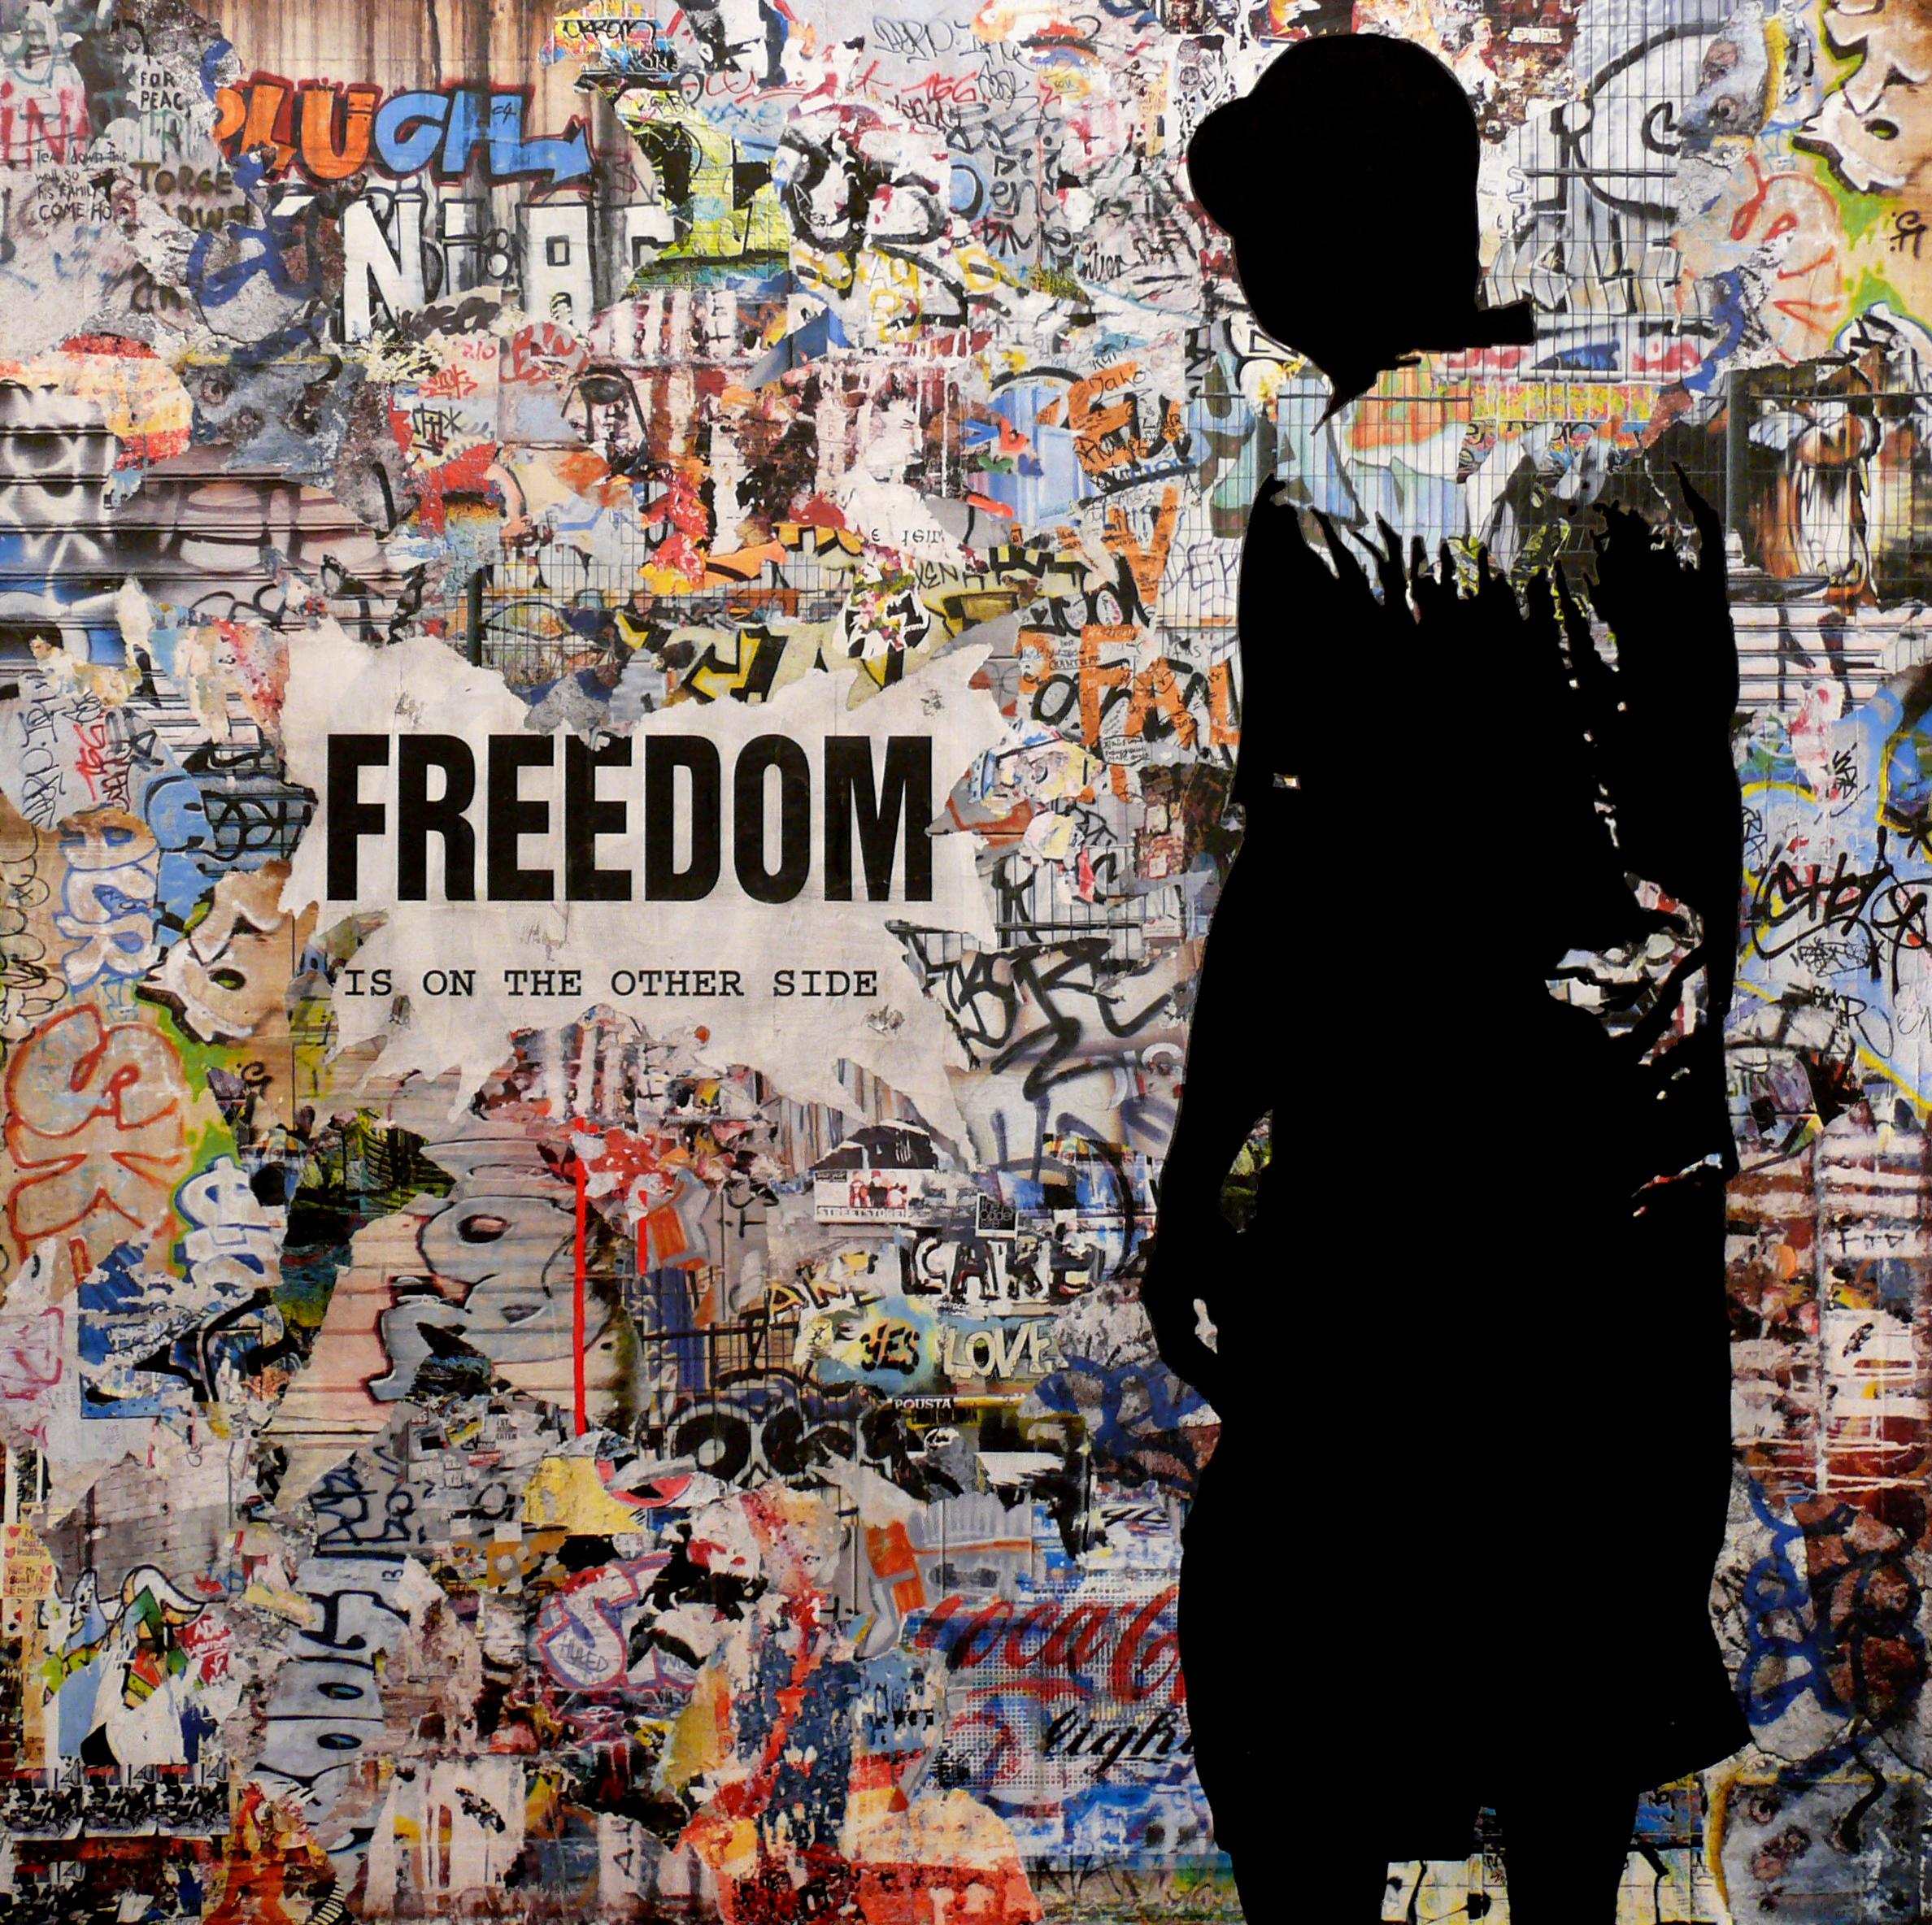 tehos_freedomisontheotherside